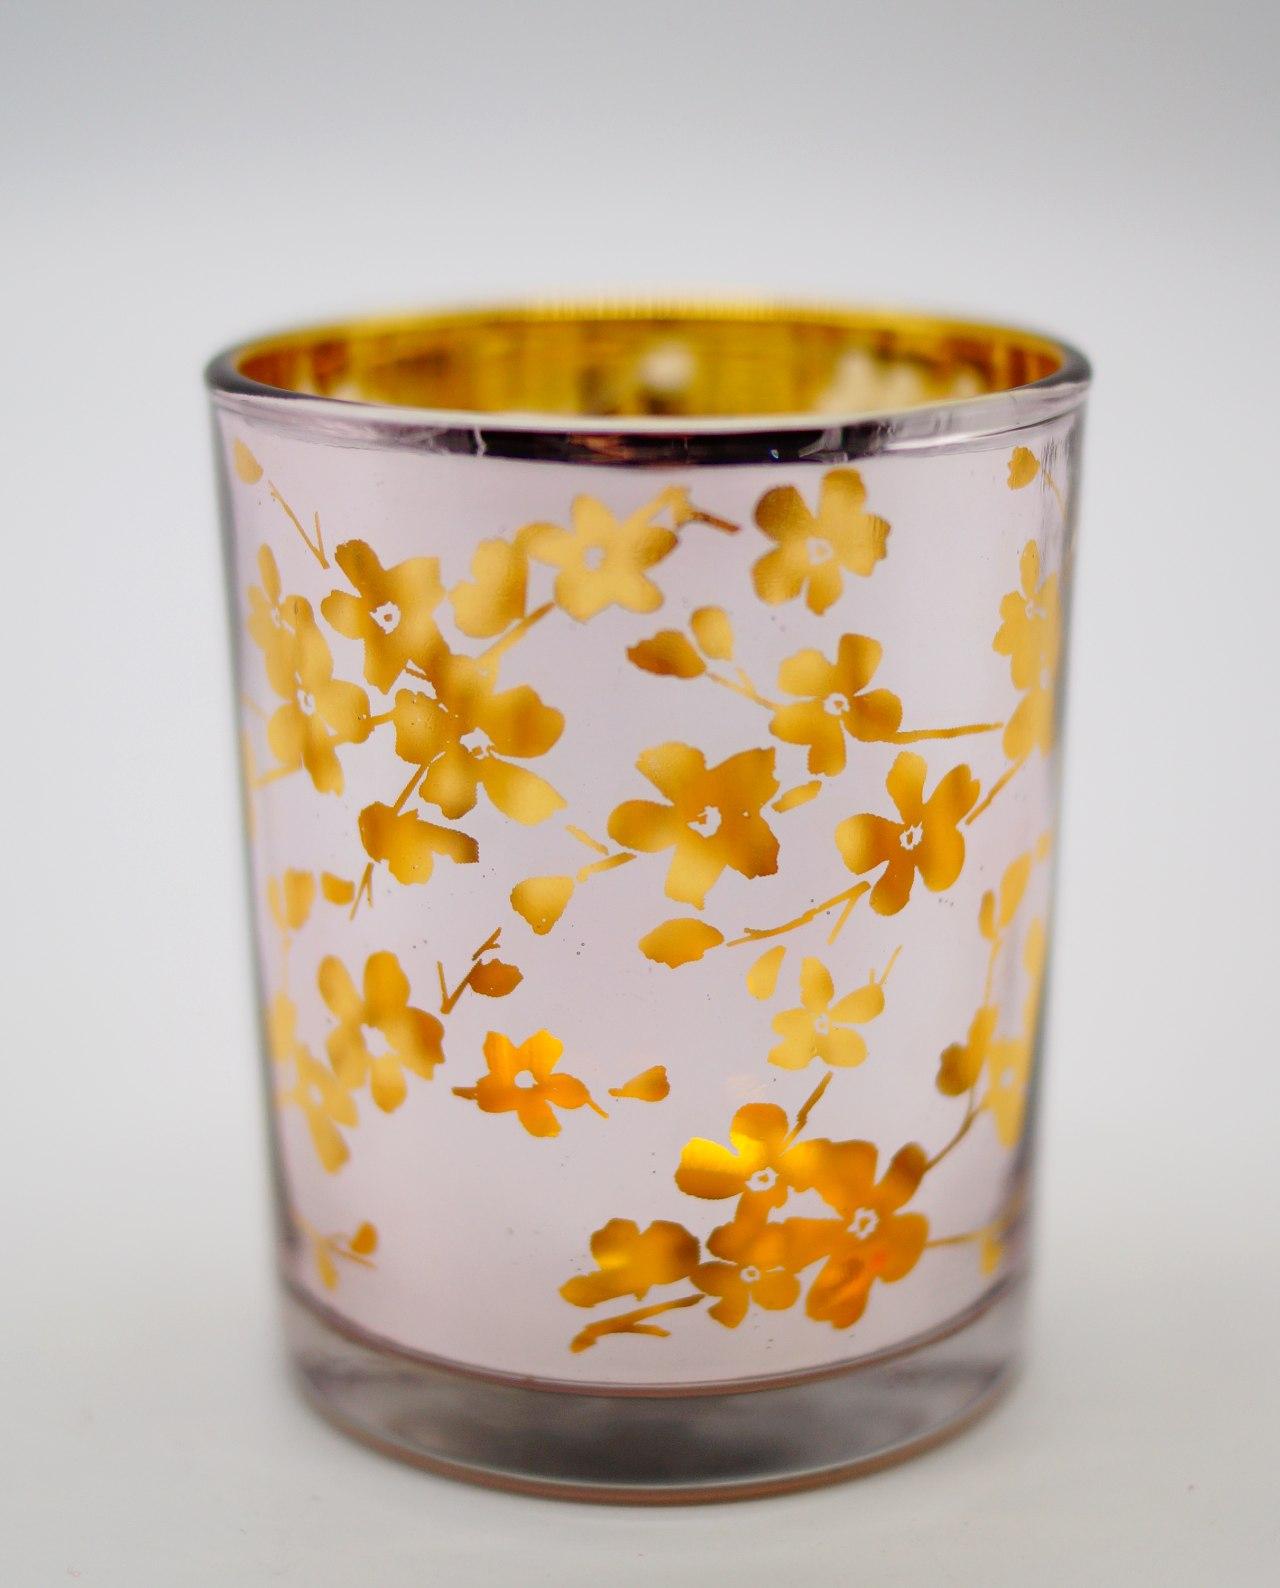 Φαναράκια Ρεσώ Λιλά Γιαπωνέζικα Λουλούδια Σετ 2 Τεμάχια